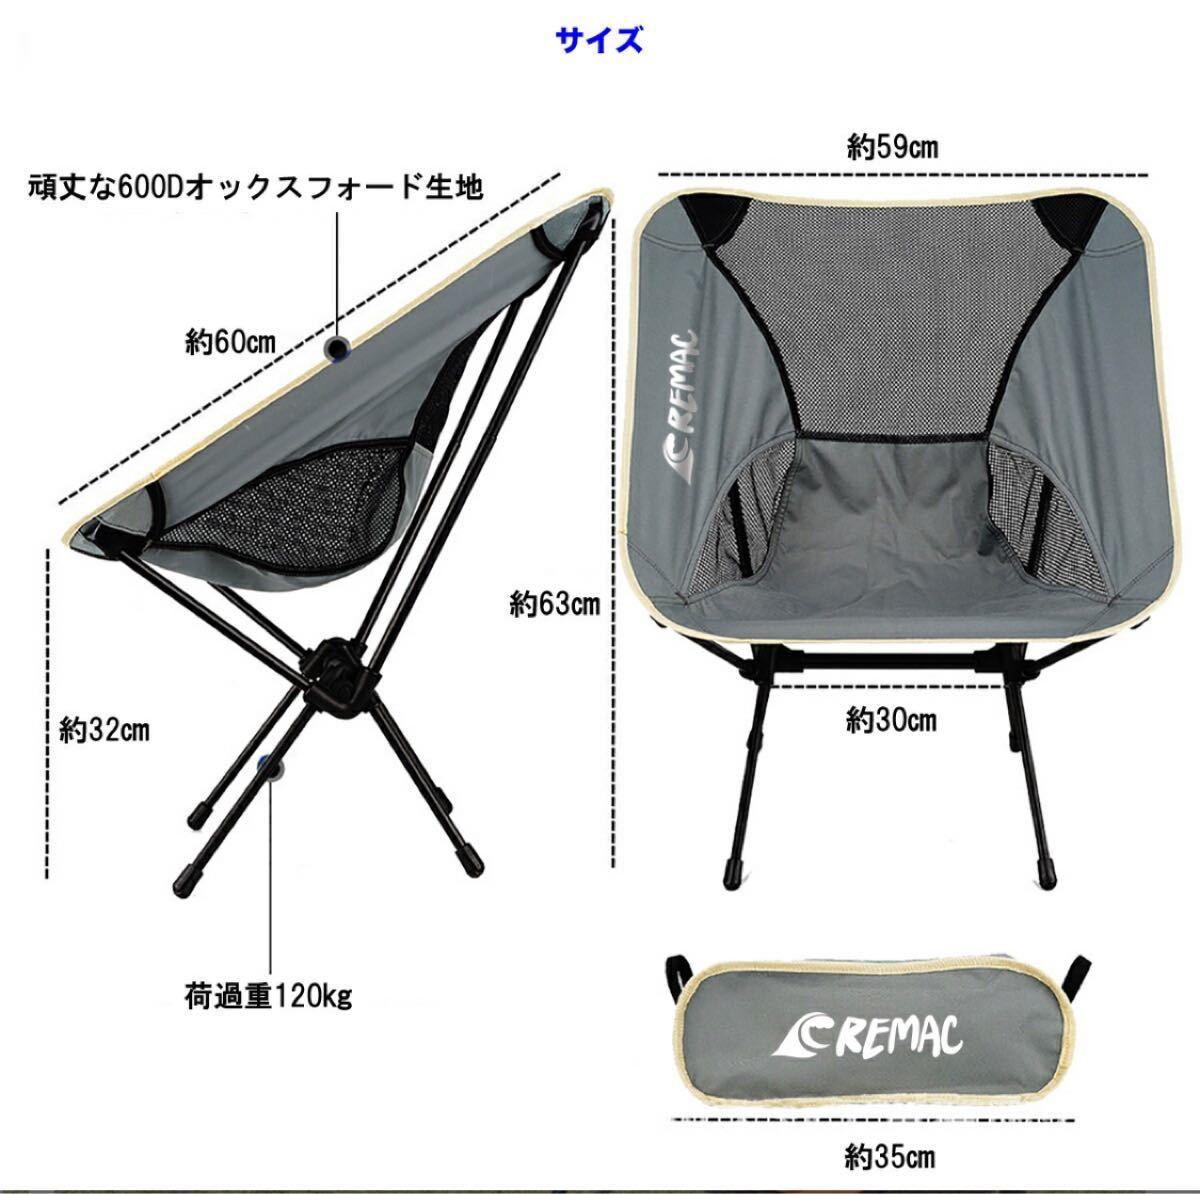 新品 らくらく持ち運び アウトドアチェア 折りたたみ キャンプ椅子 ブラック 2